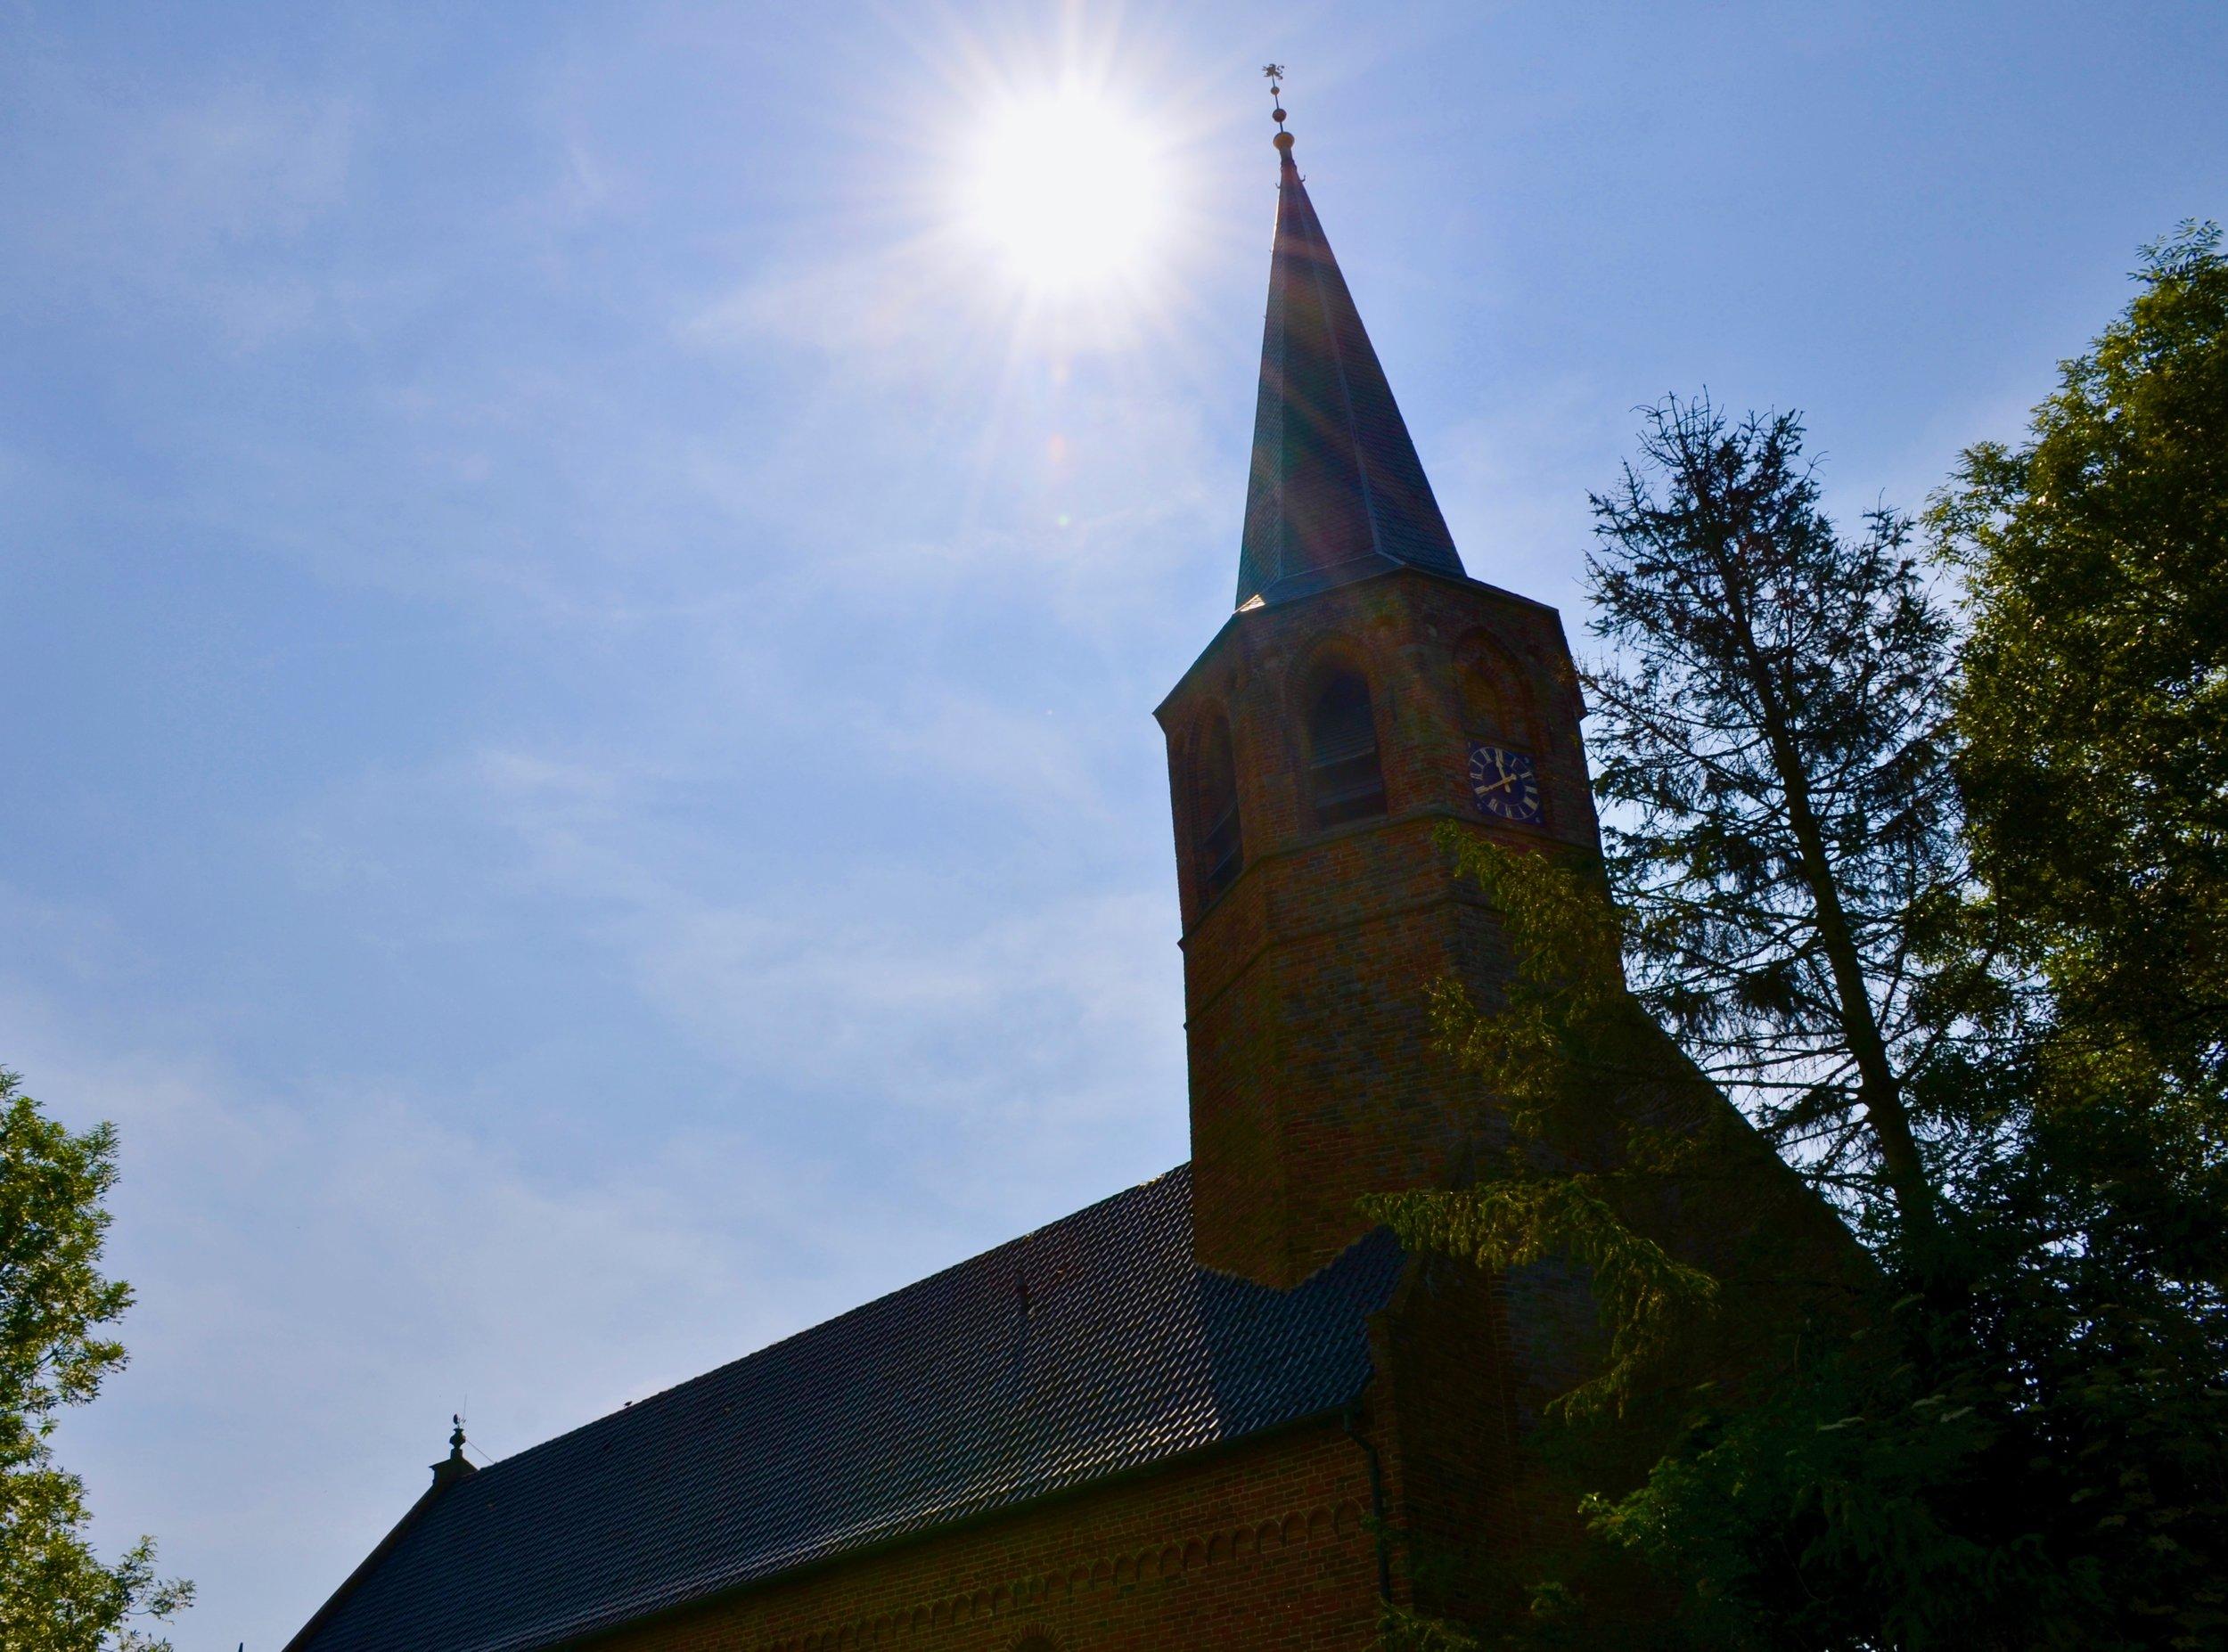 The church in Zeerijp, Holland.